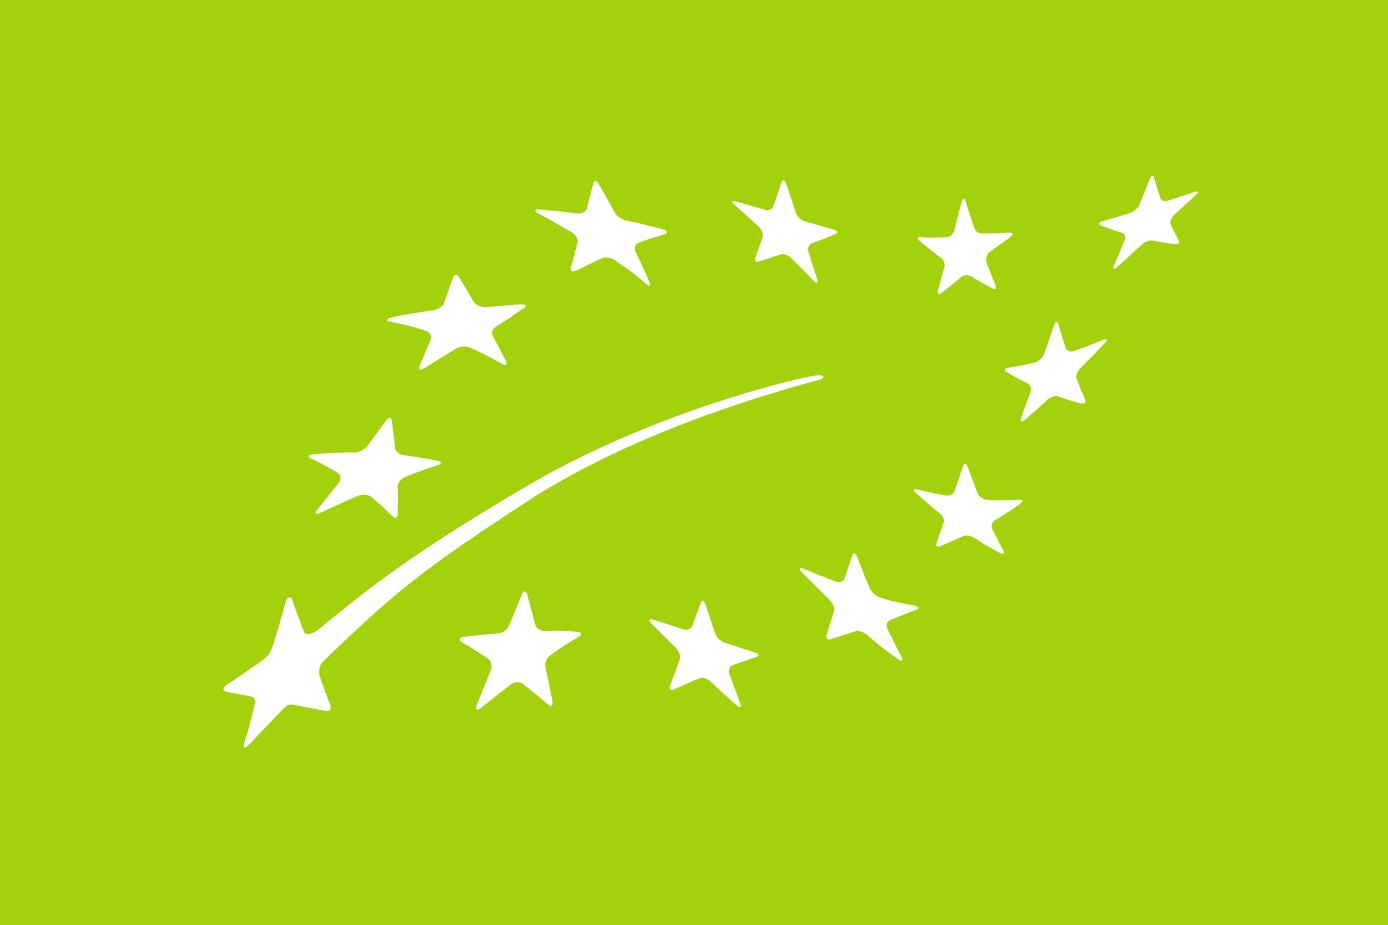 - La produzione oggi è rigorosamente certificata BIO dalla società BioAgriCert di Bologna, che garantisce al mondo esterno il pieno rispetto delle regole.